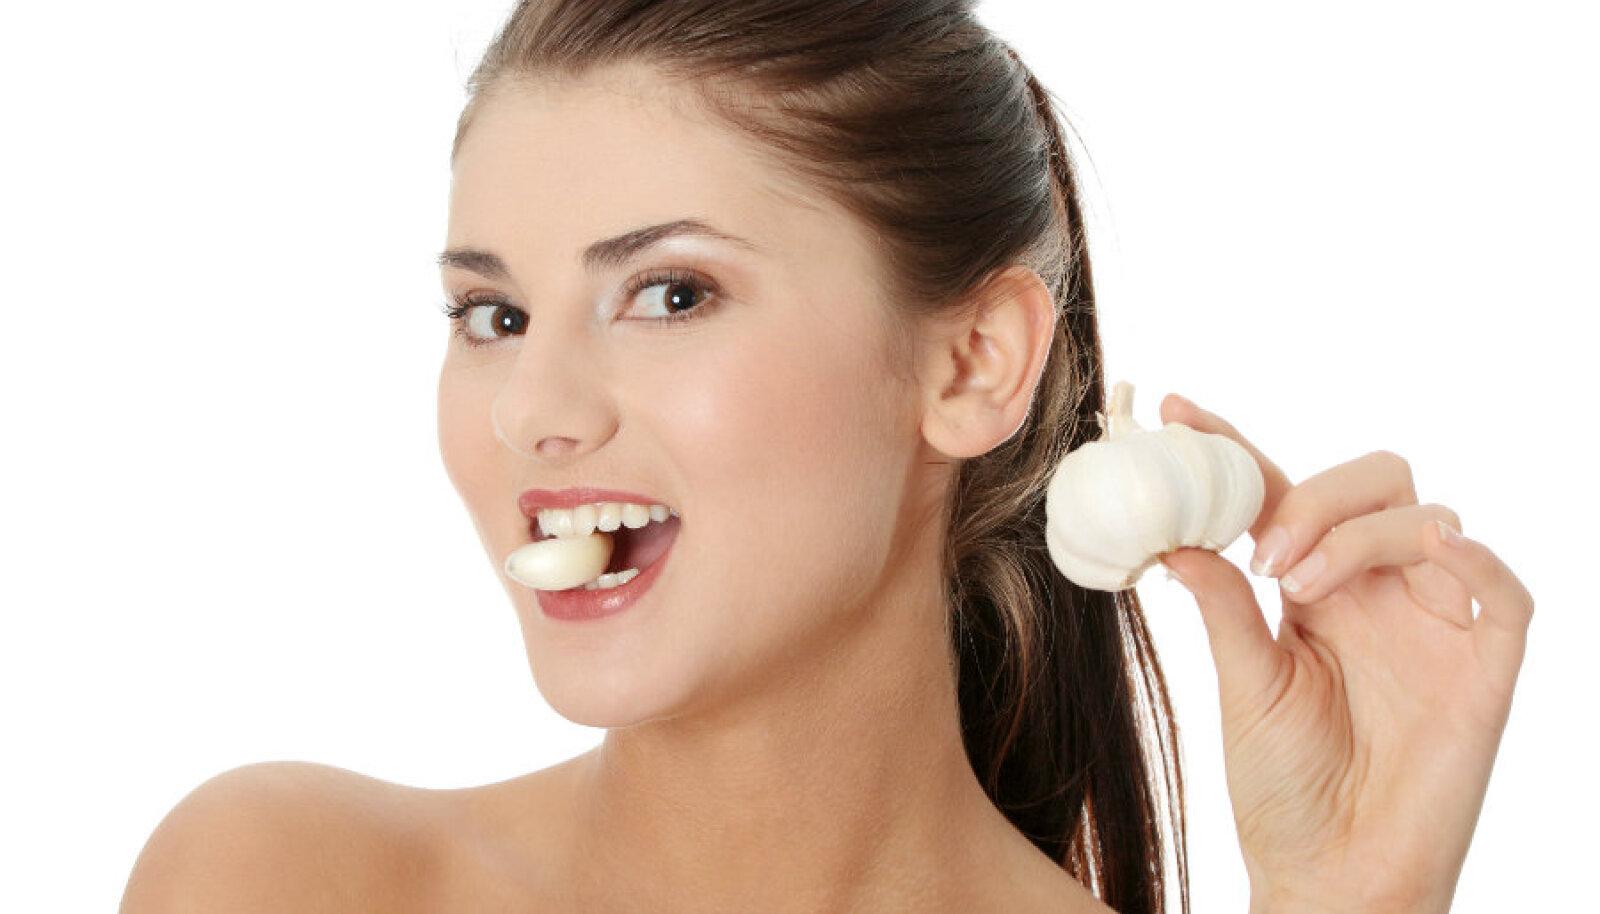 Küüslauk on võimas looduslik antibiootikum ja immuunsüsteemi tugevdaja